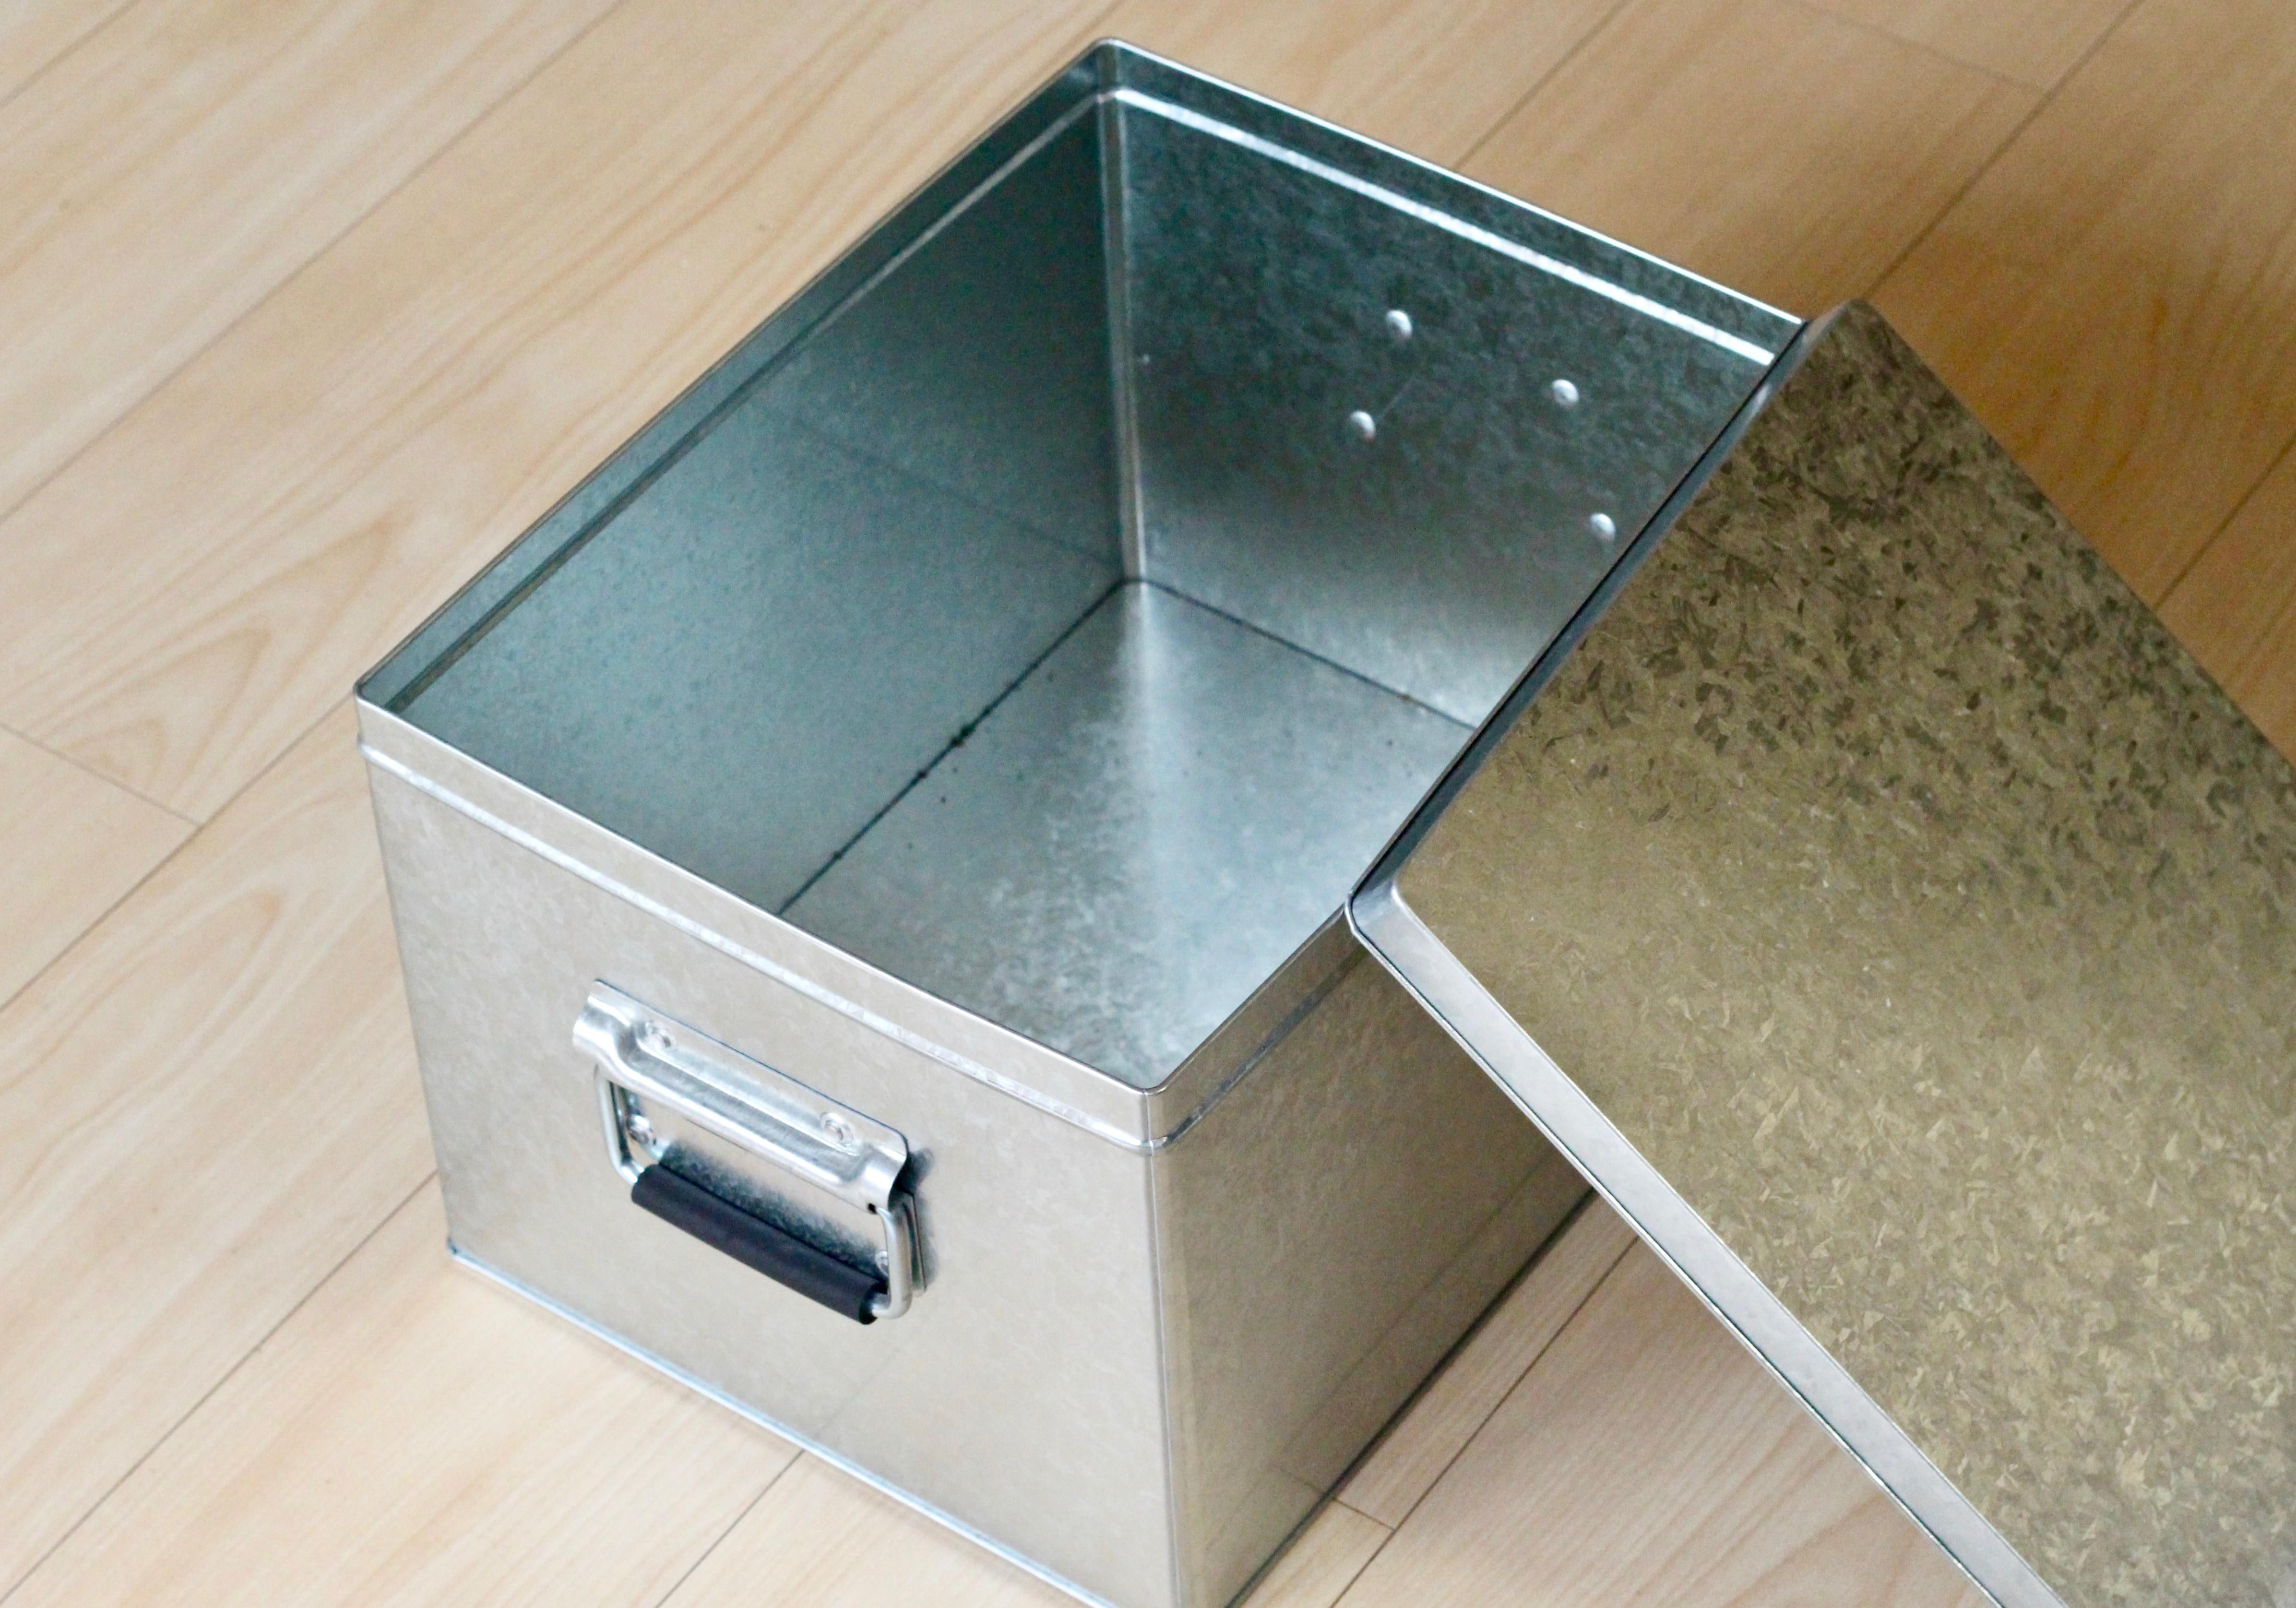 ちなみに「トタンボックス(小)」の場合はちょうど3kg程度の炭が保管できます。